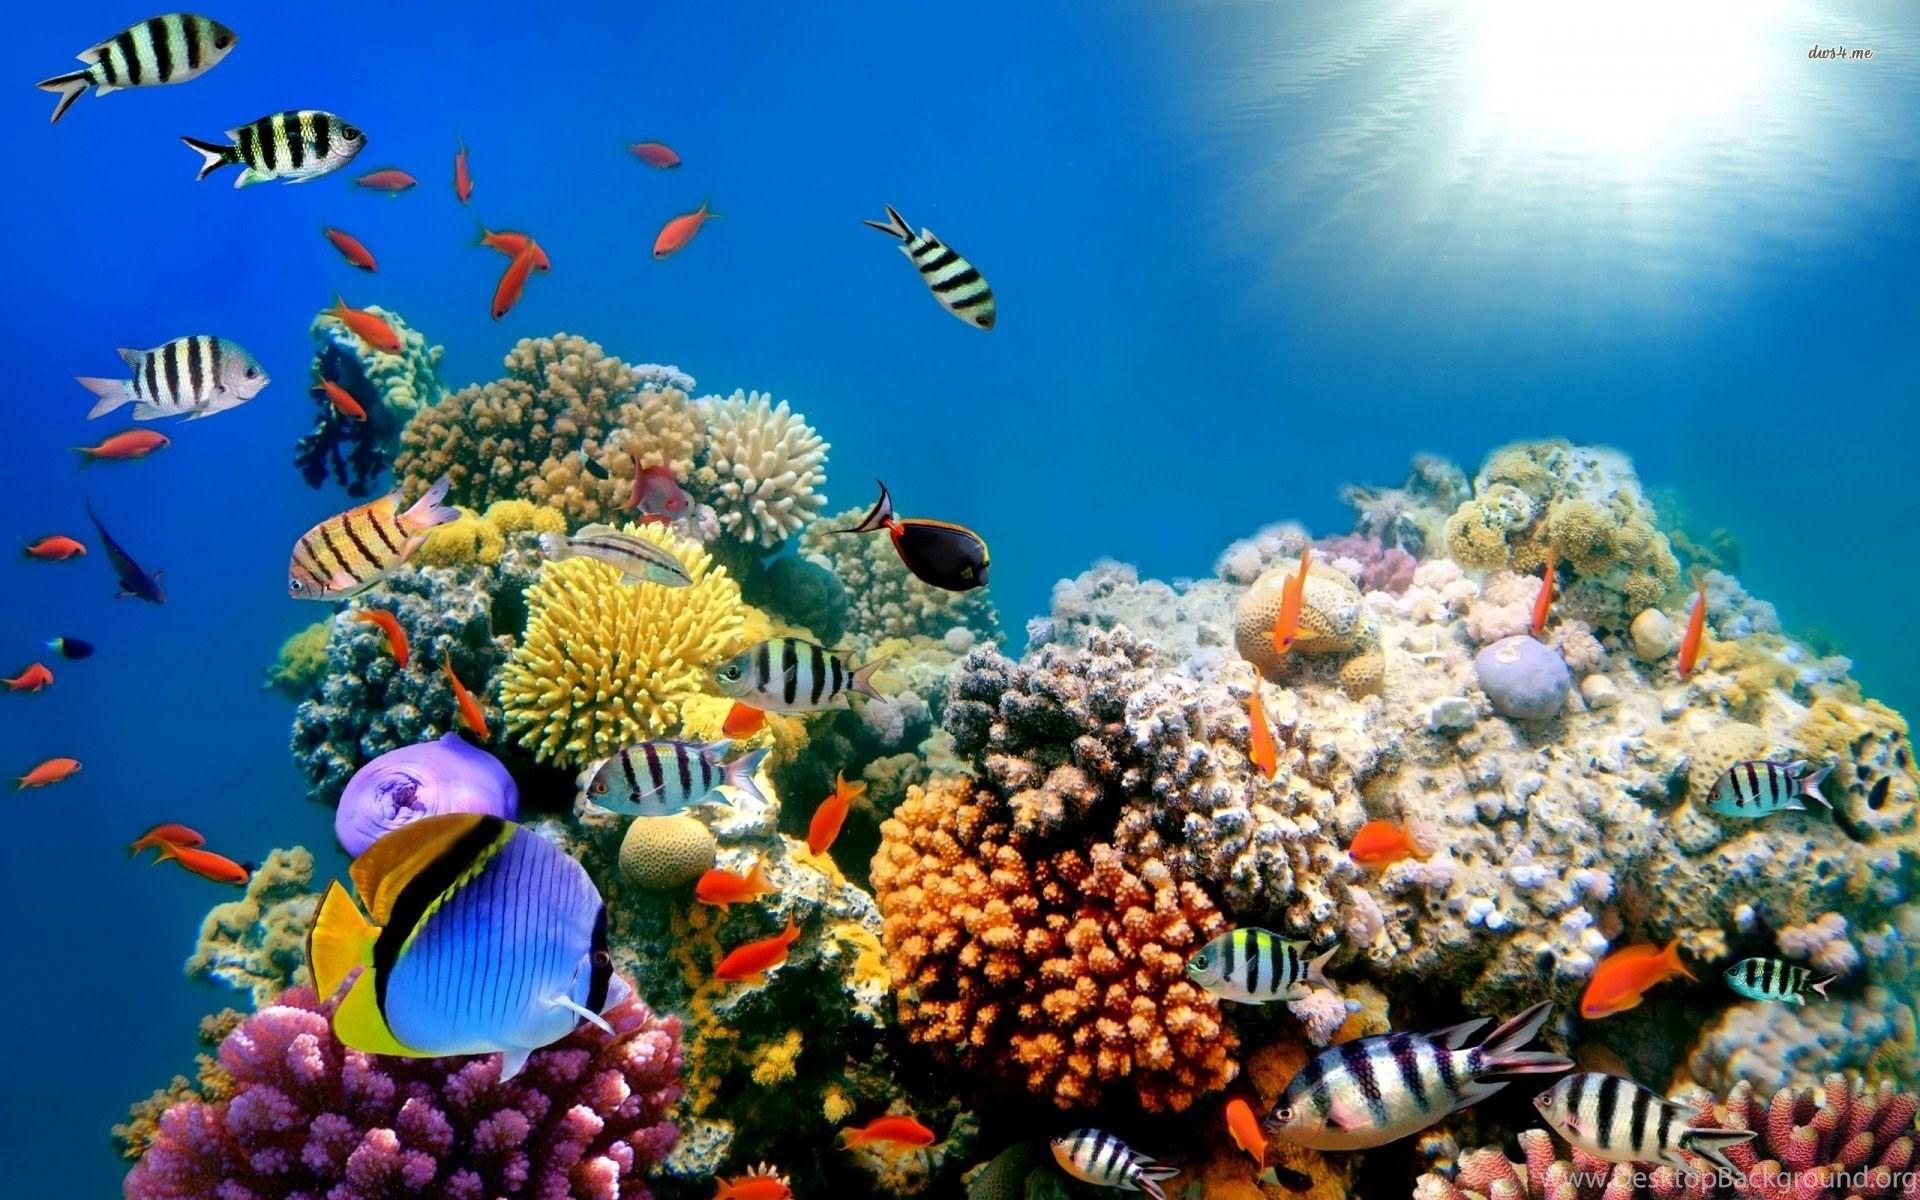 underwater coral reef desktop backgrounds hd wallpapers